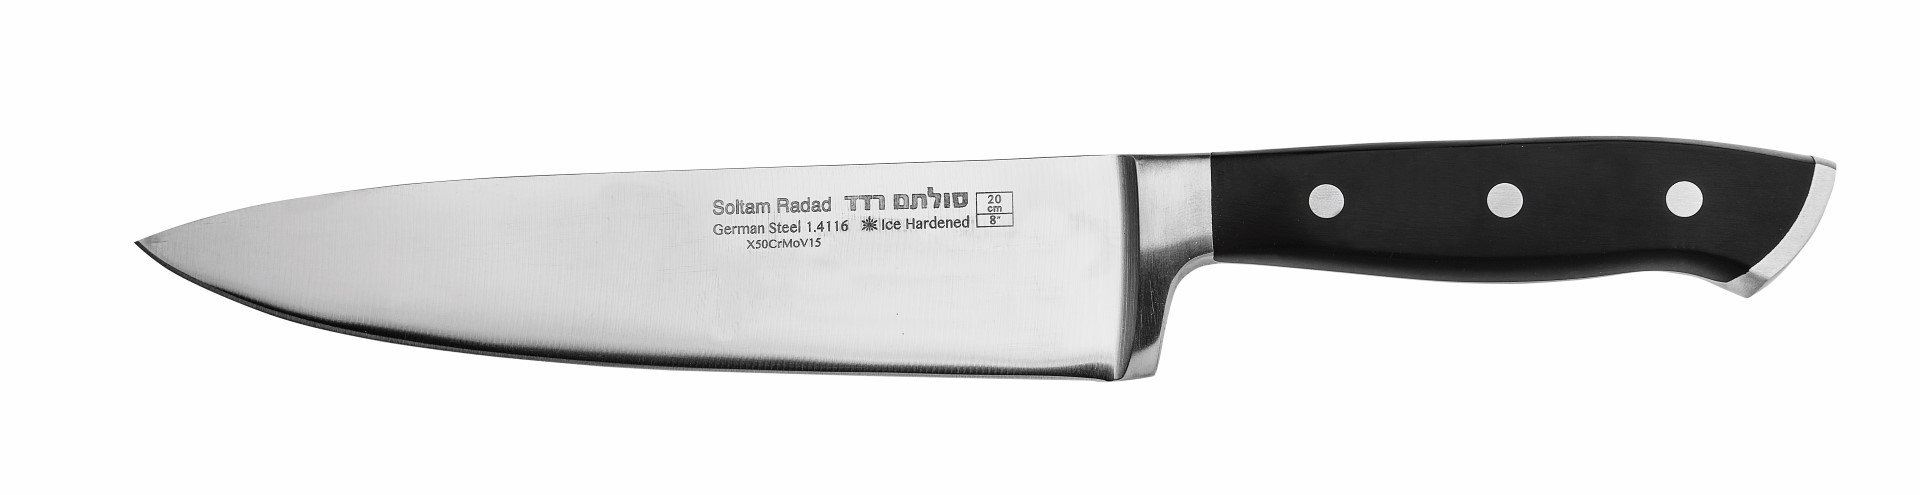 סכין סולתם שף 20 סמ